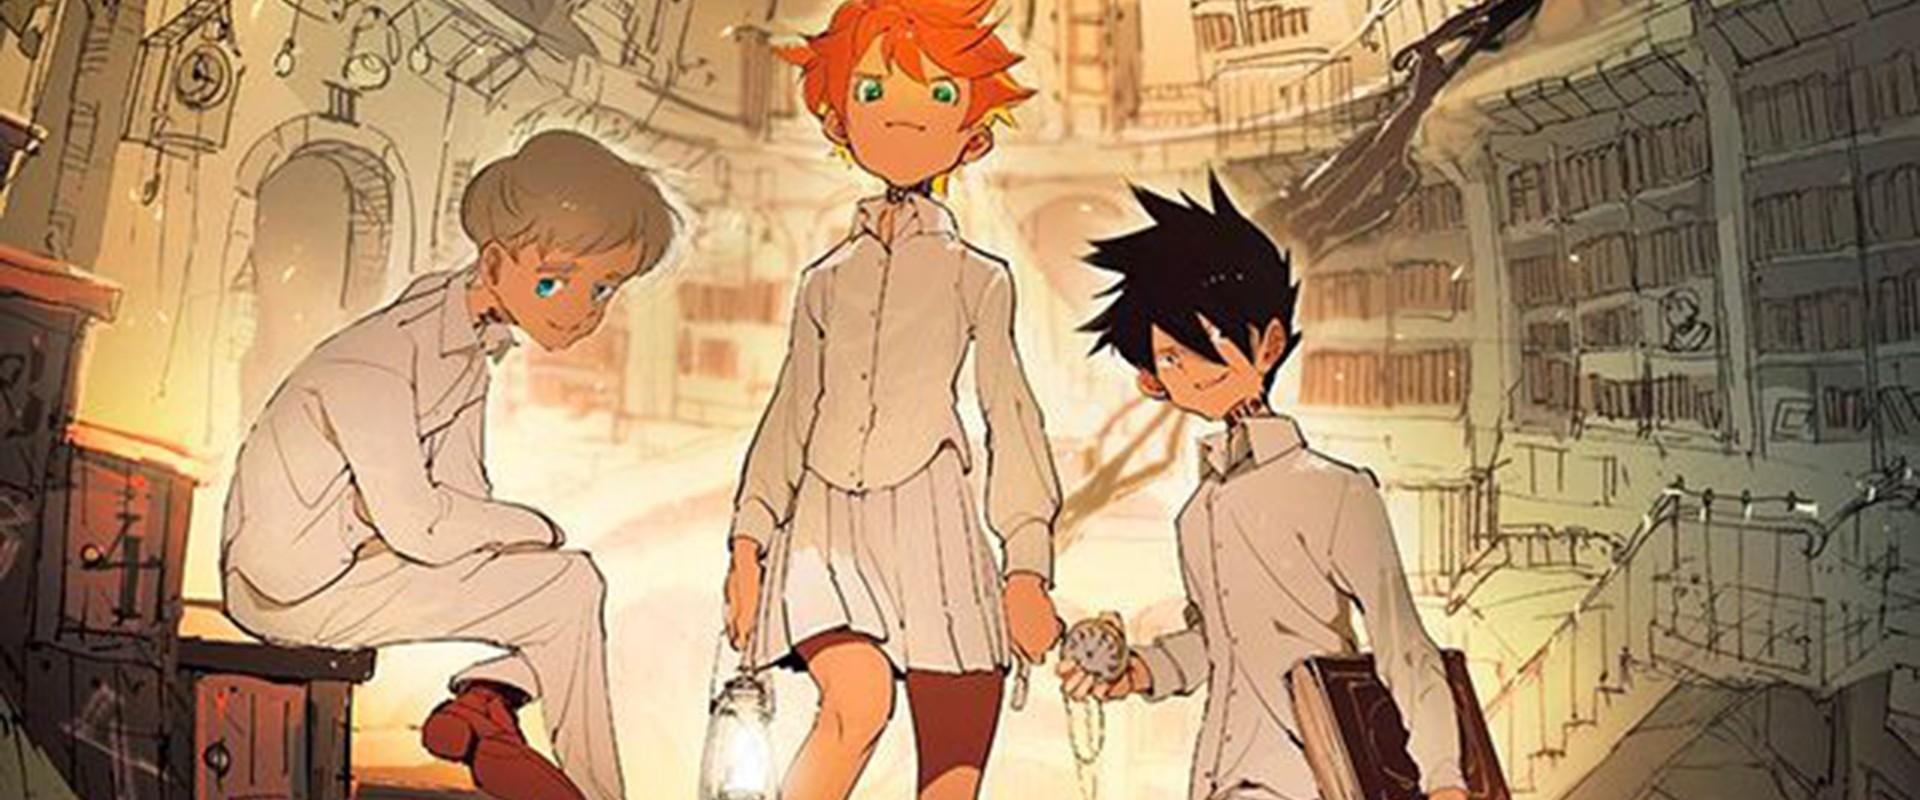 Promised Neverland : Sorties Mangas Août 2020 au Québec : Deuxième semaine